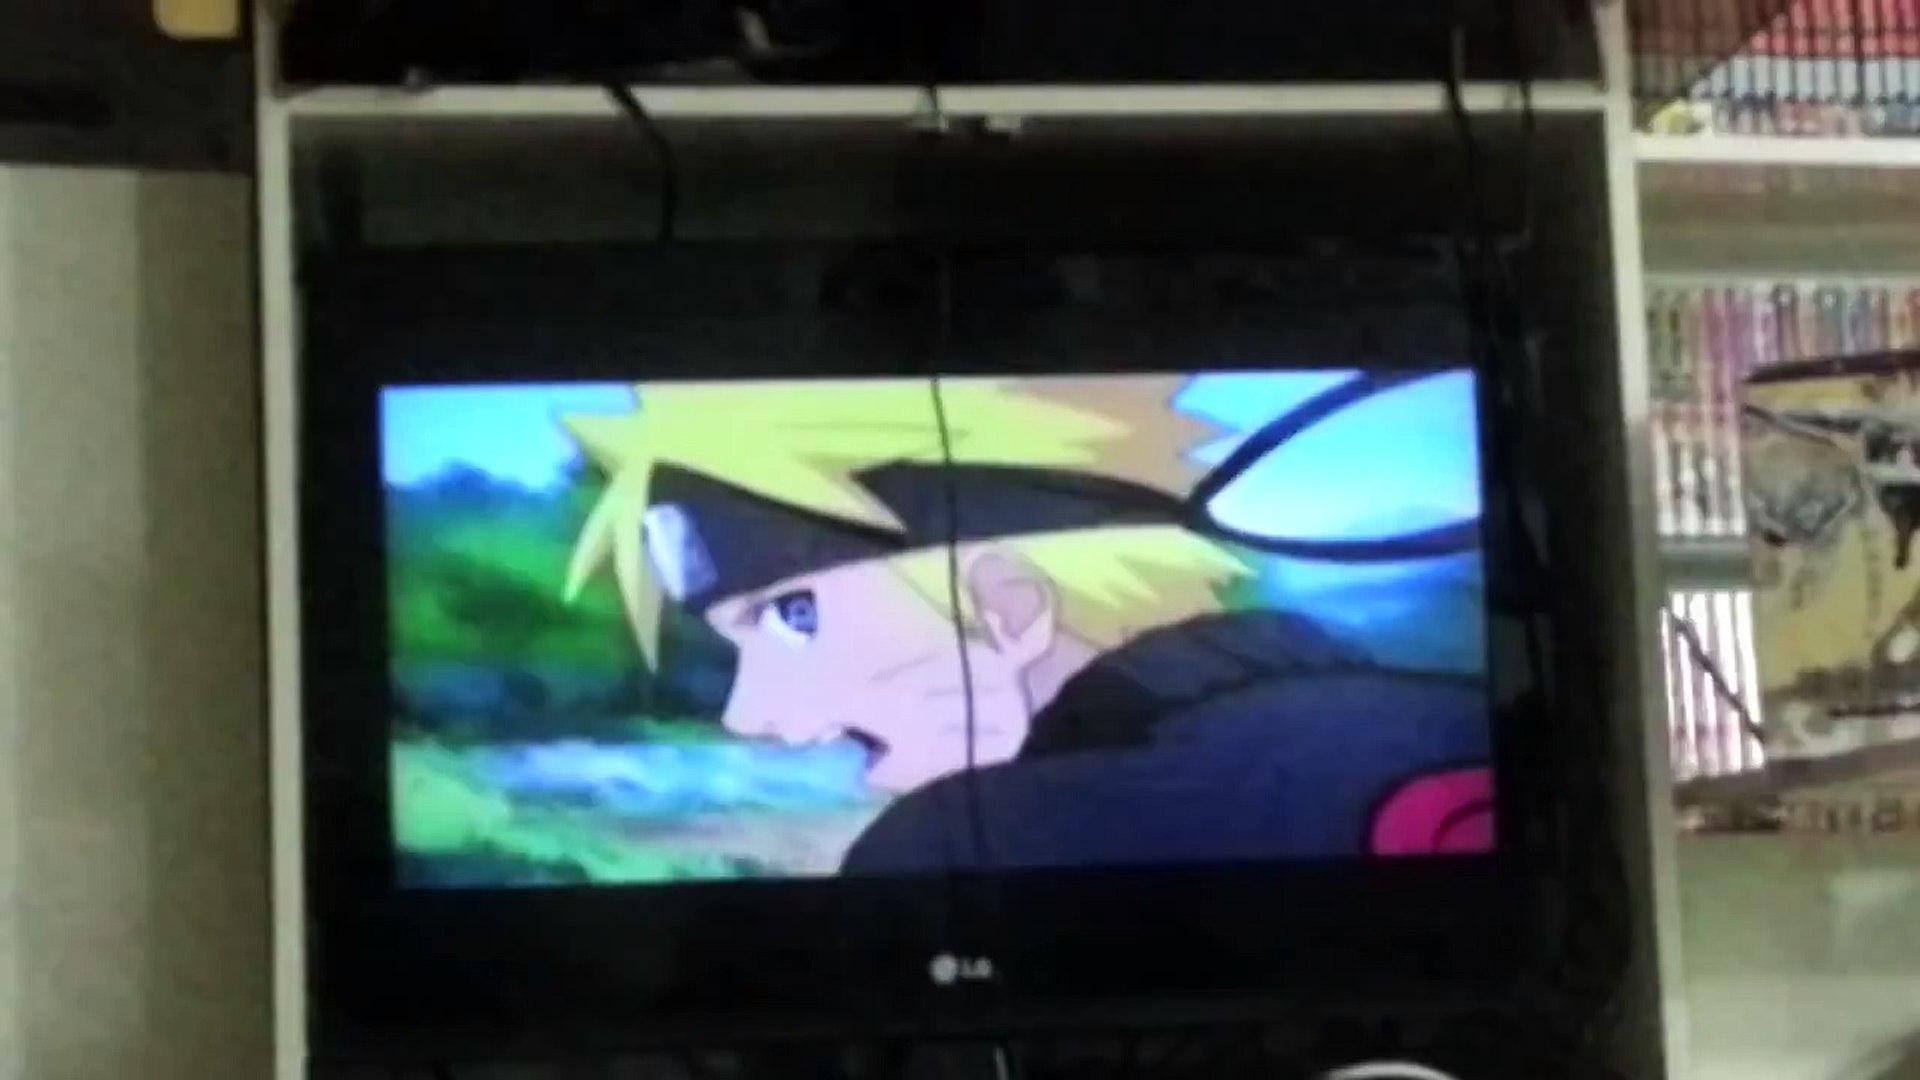 Reactions to Naruto Shippuden On Toonami - Episode 1